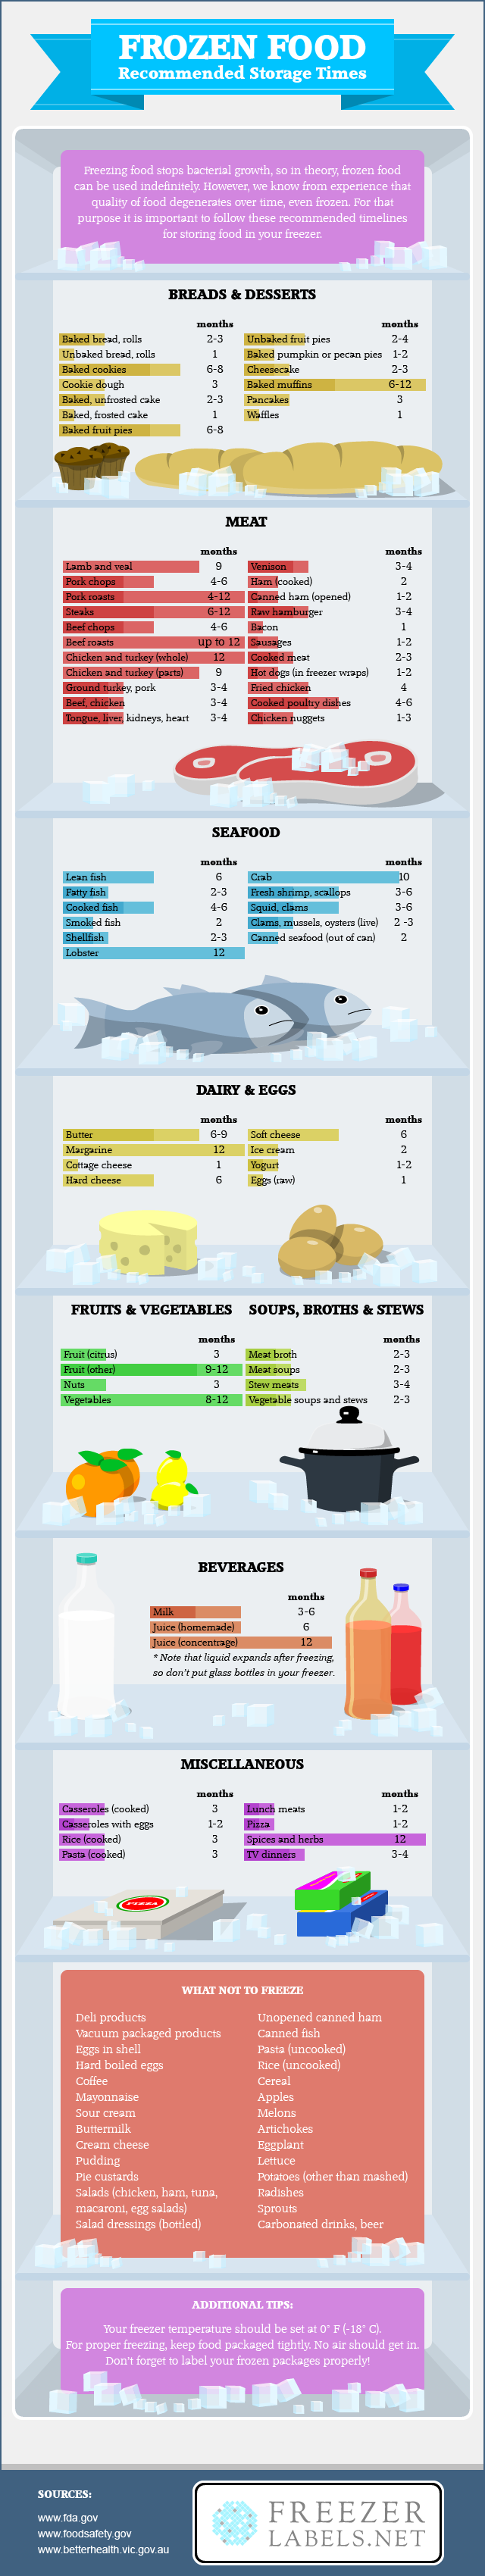 Frozen Food Storage